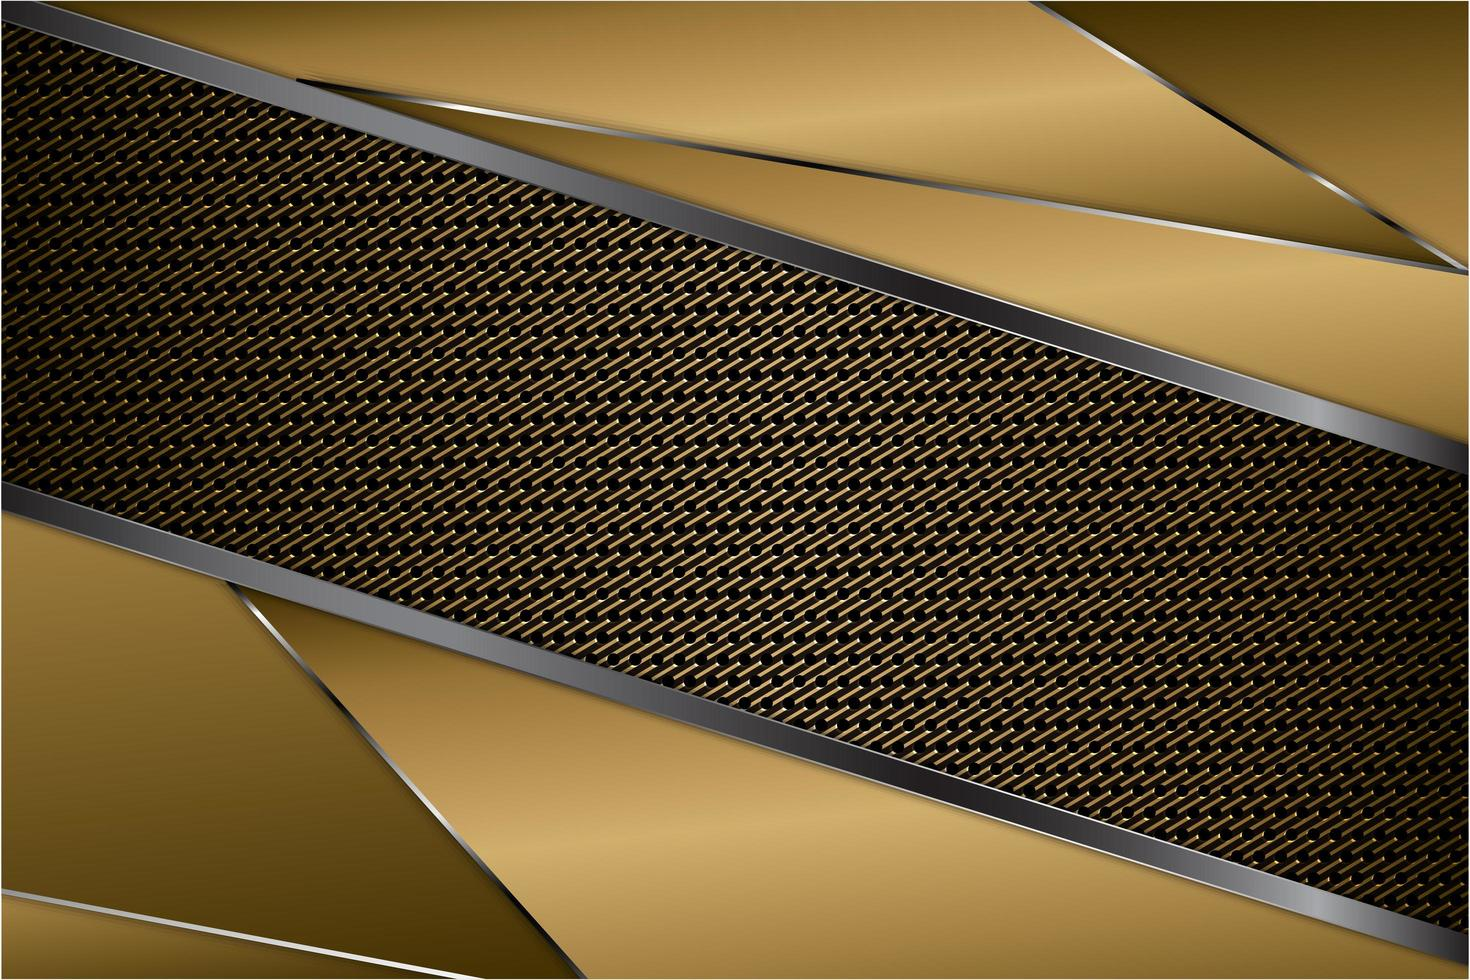 moderner goldener, grauer und silberner metallischer Hintergrund vektor